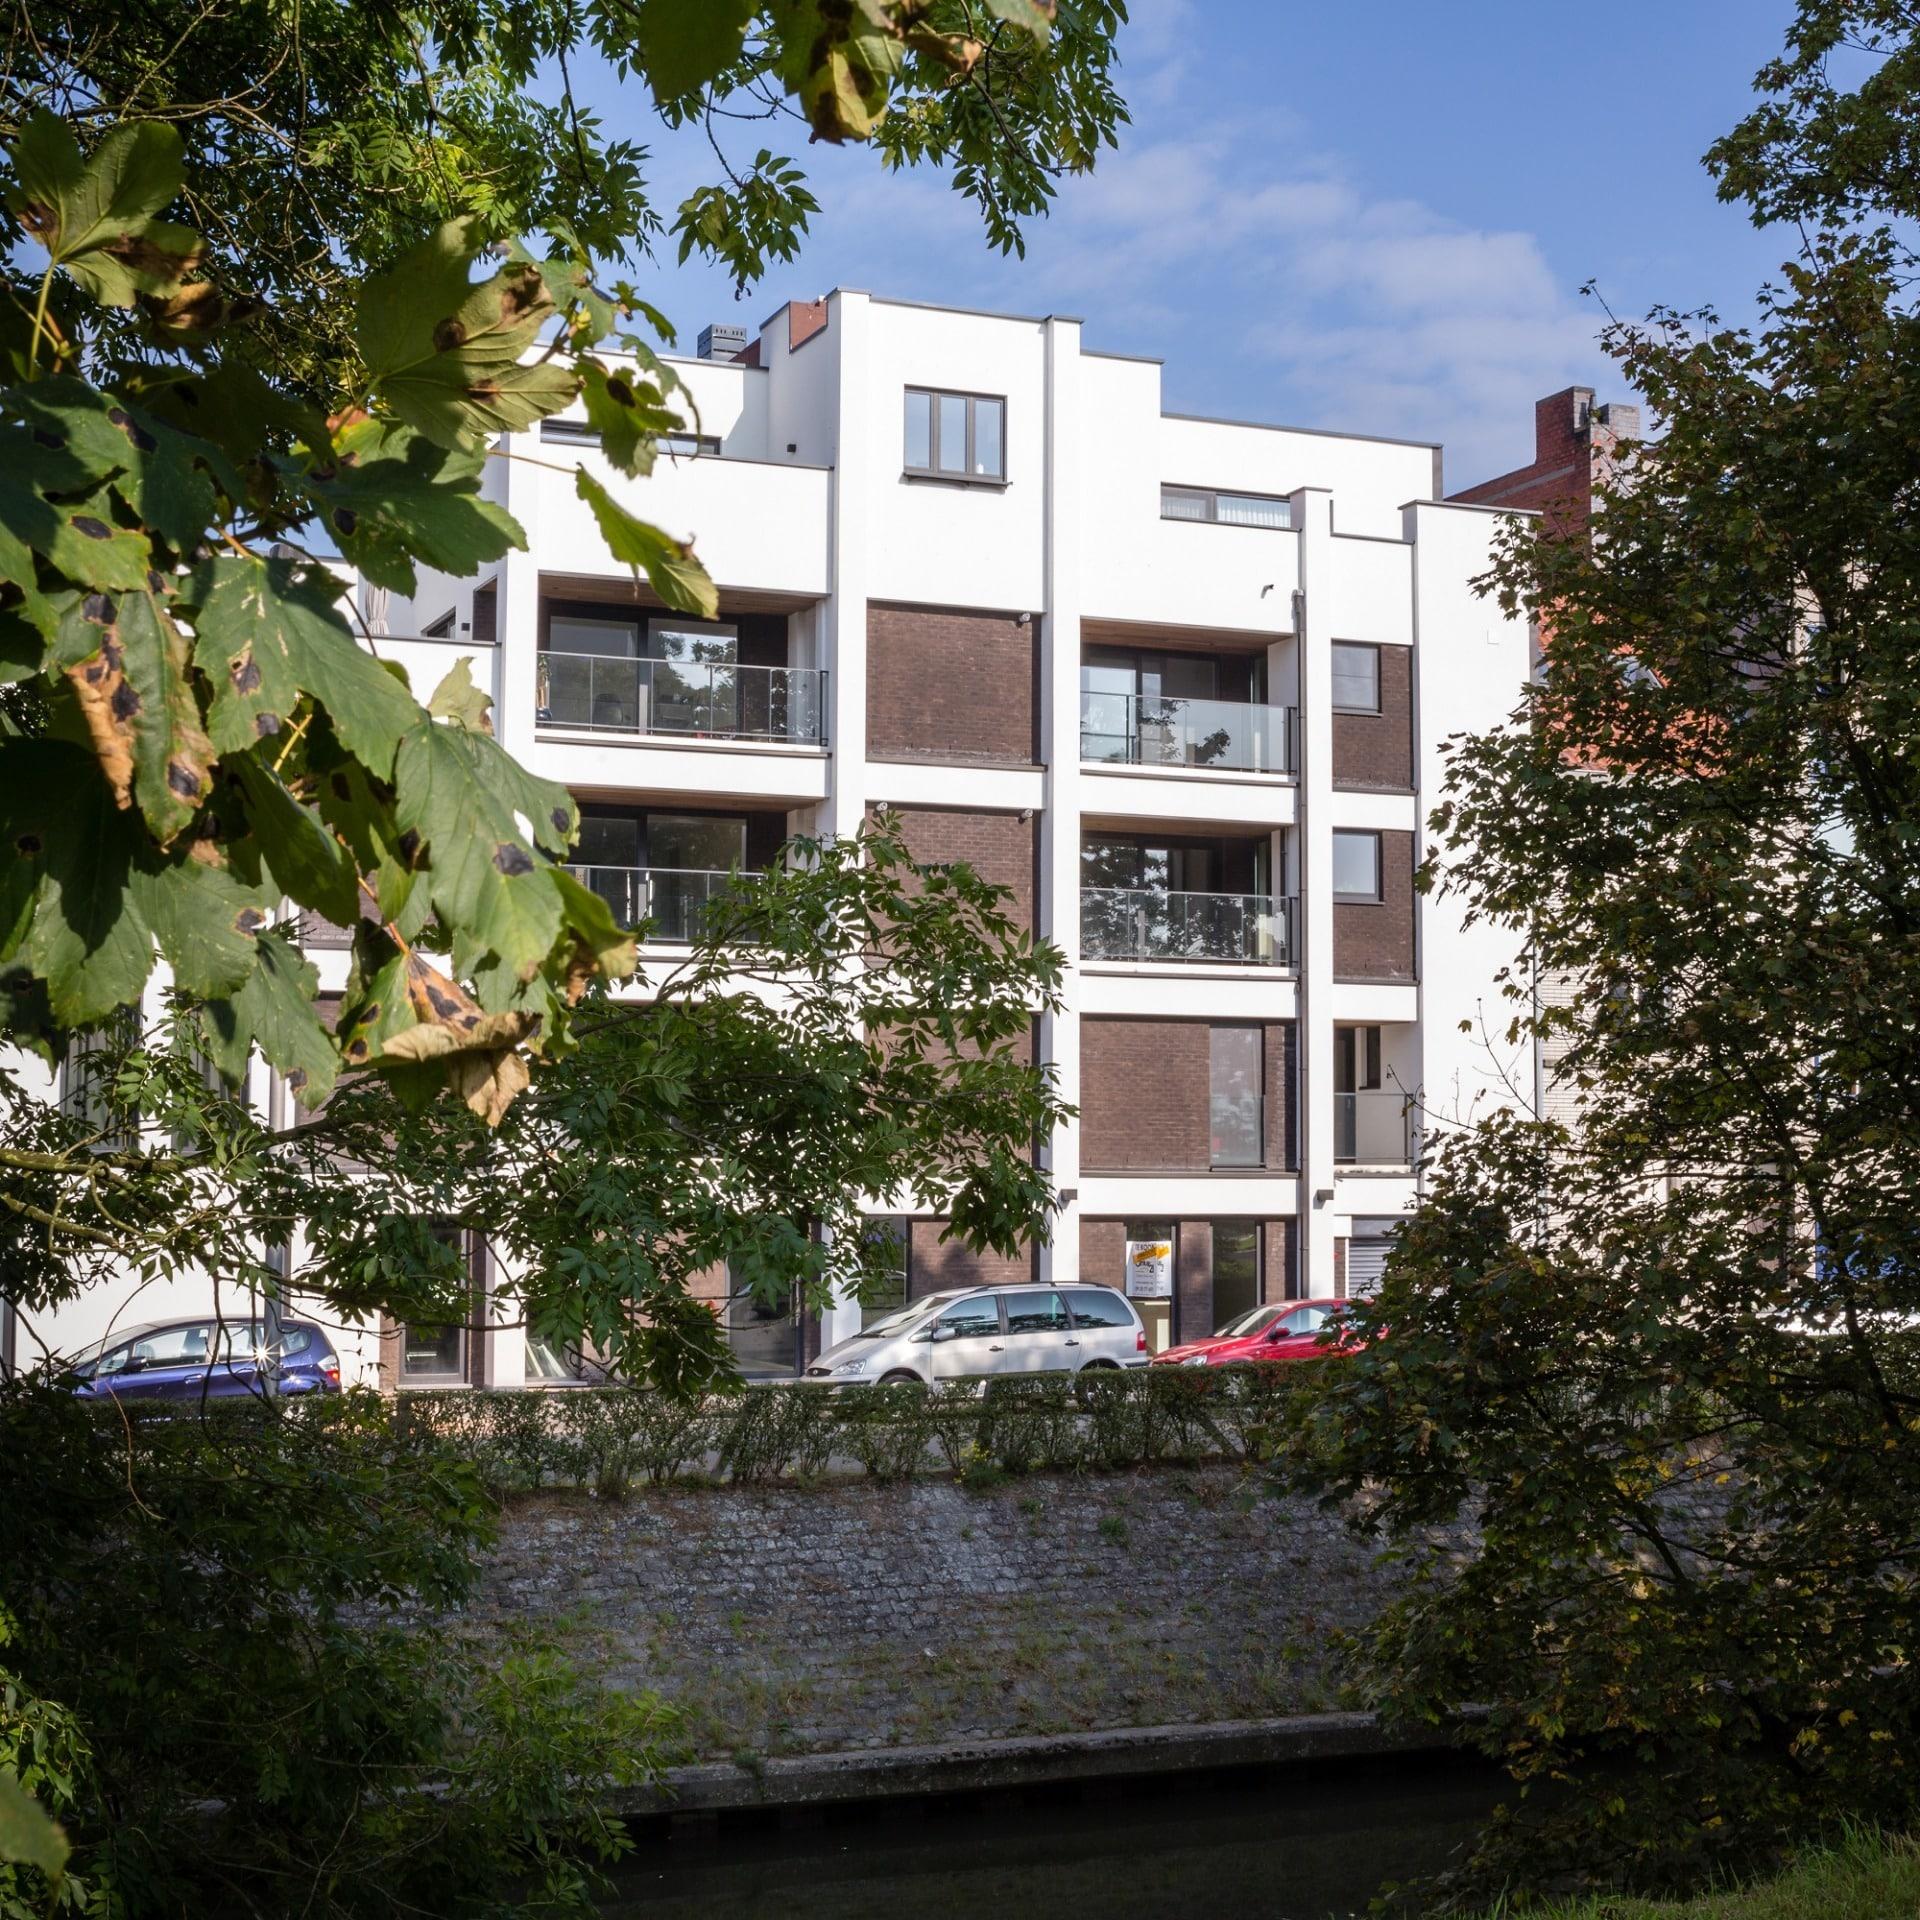 River view - 5 appartementen - Gent | Realisaties - Strak bouw bv